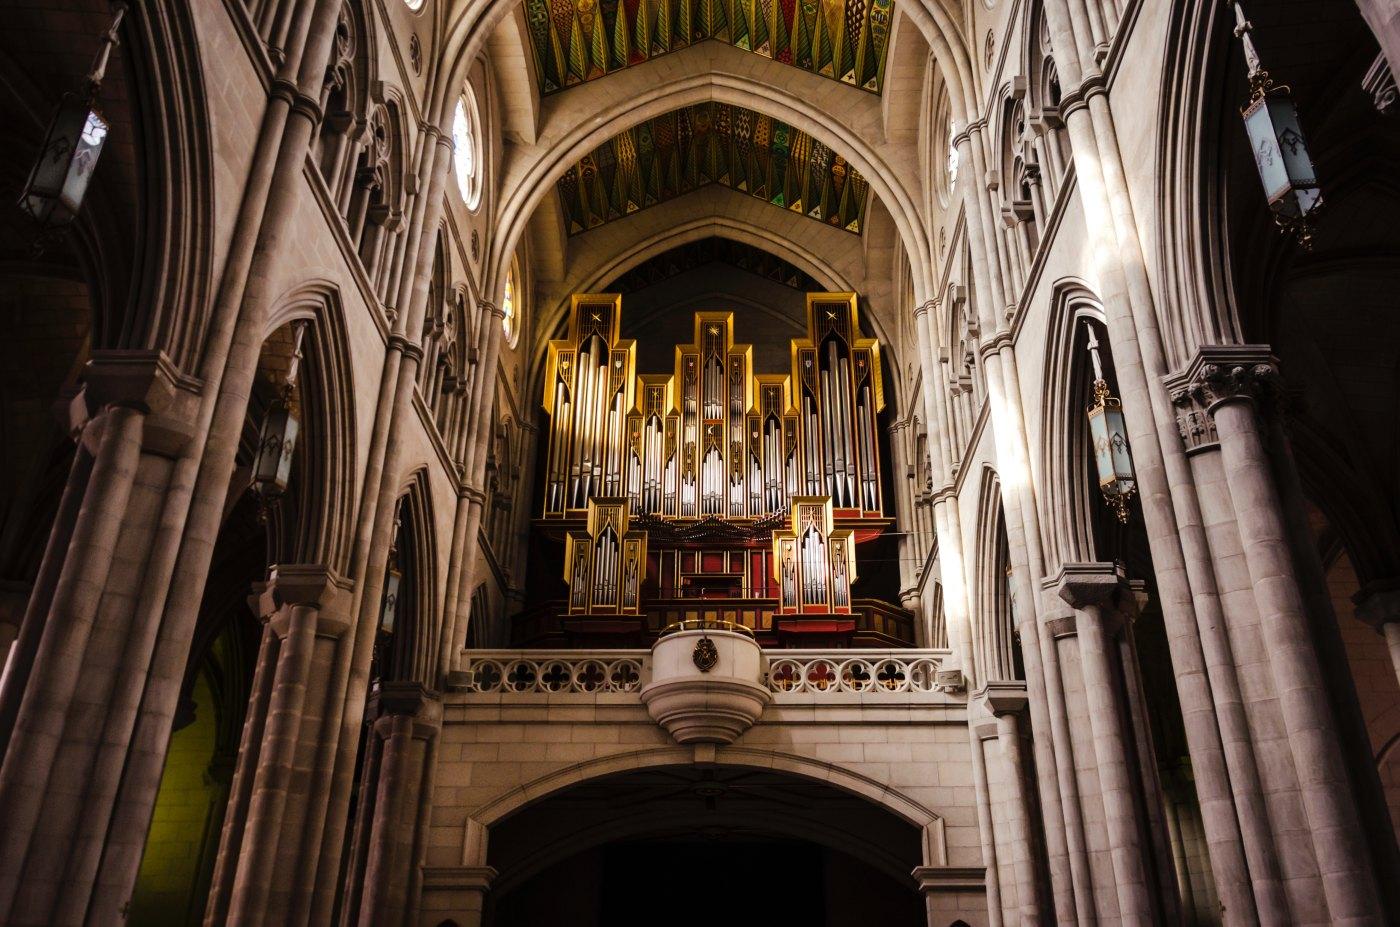 Órgano en una catedral de Toledo